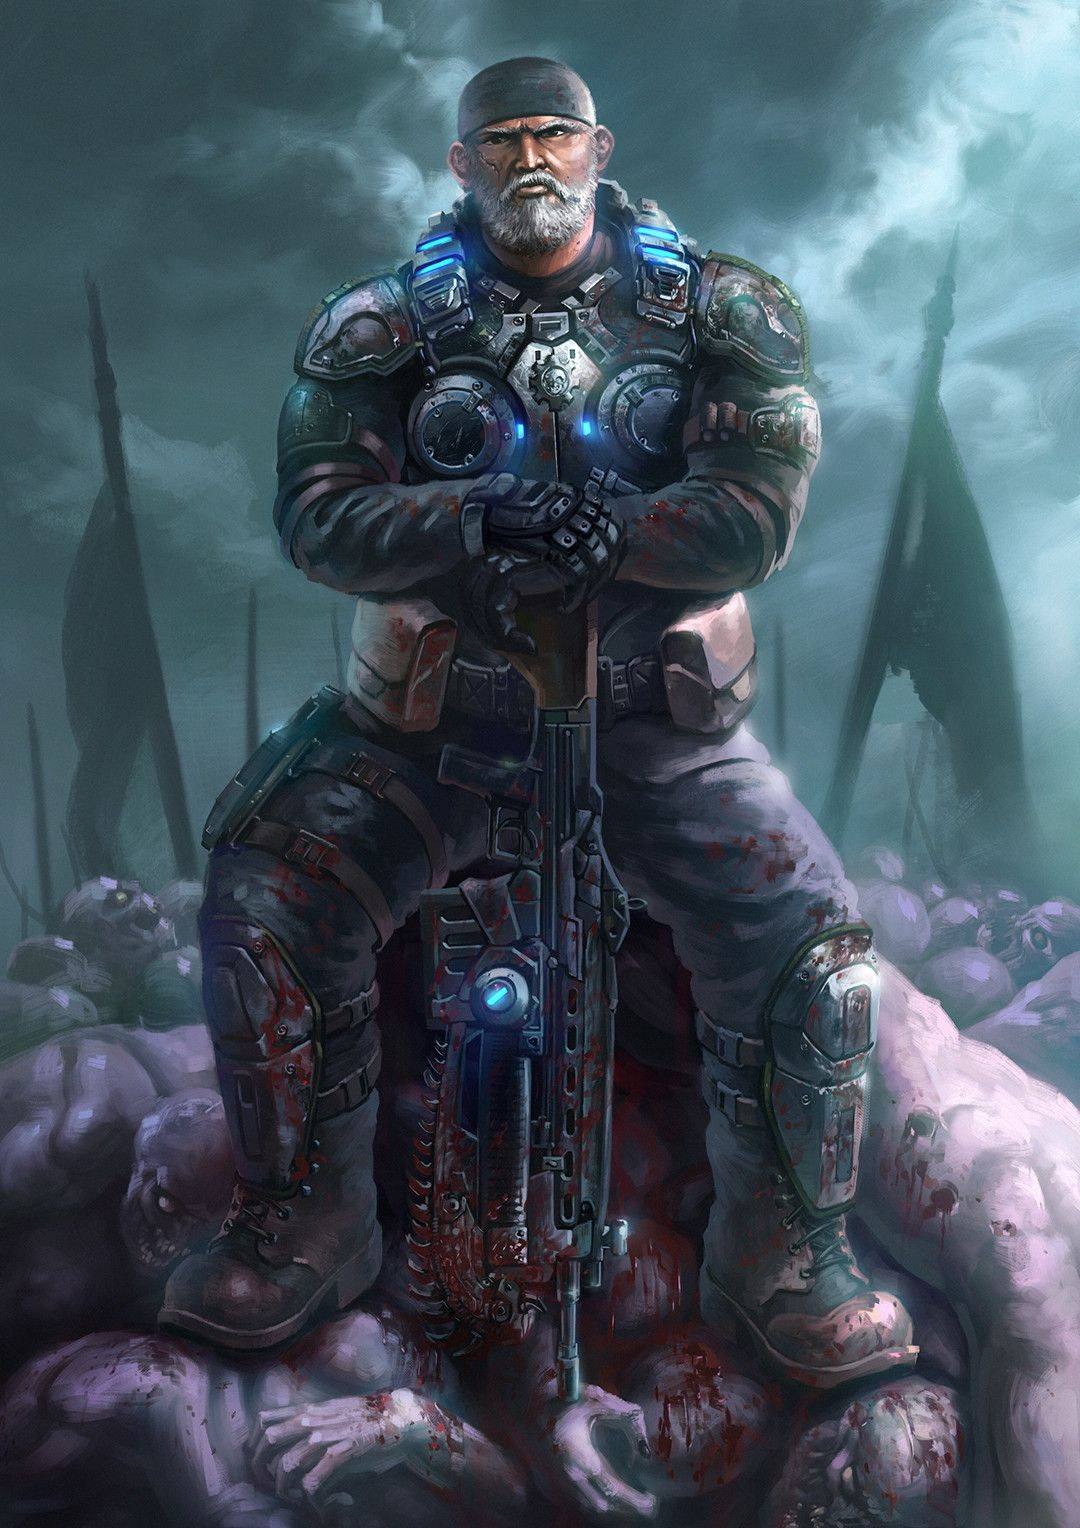 Gears Of War By Juwoong J On Artstation Gears Of War War Fan Gear Art